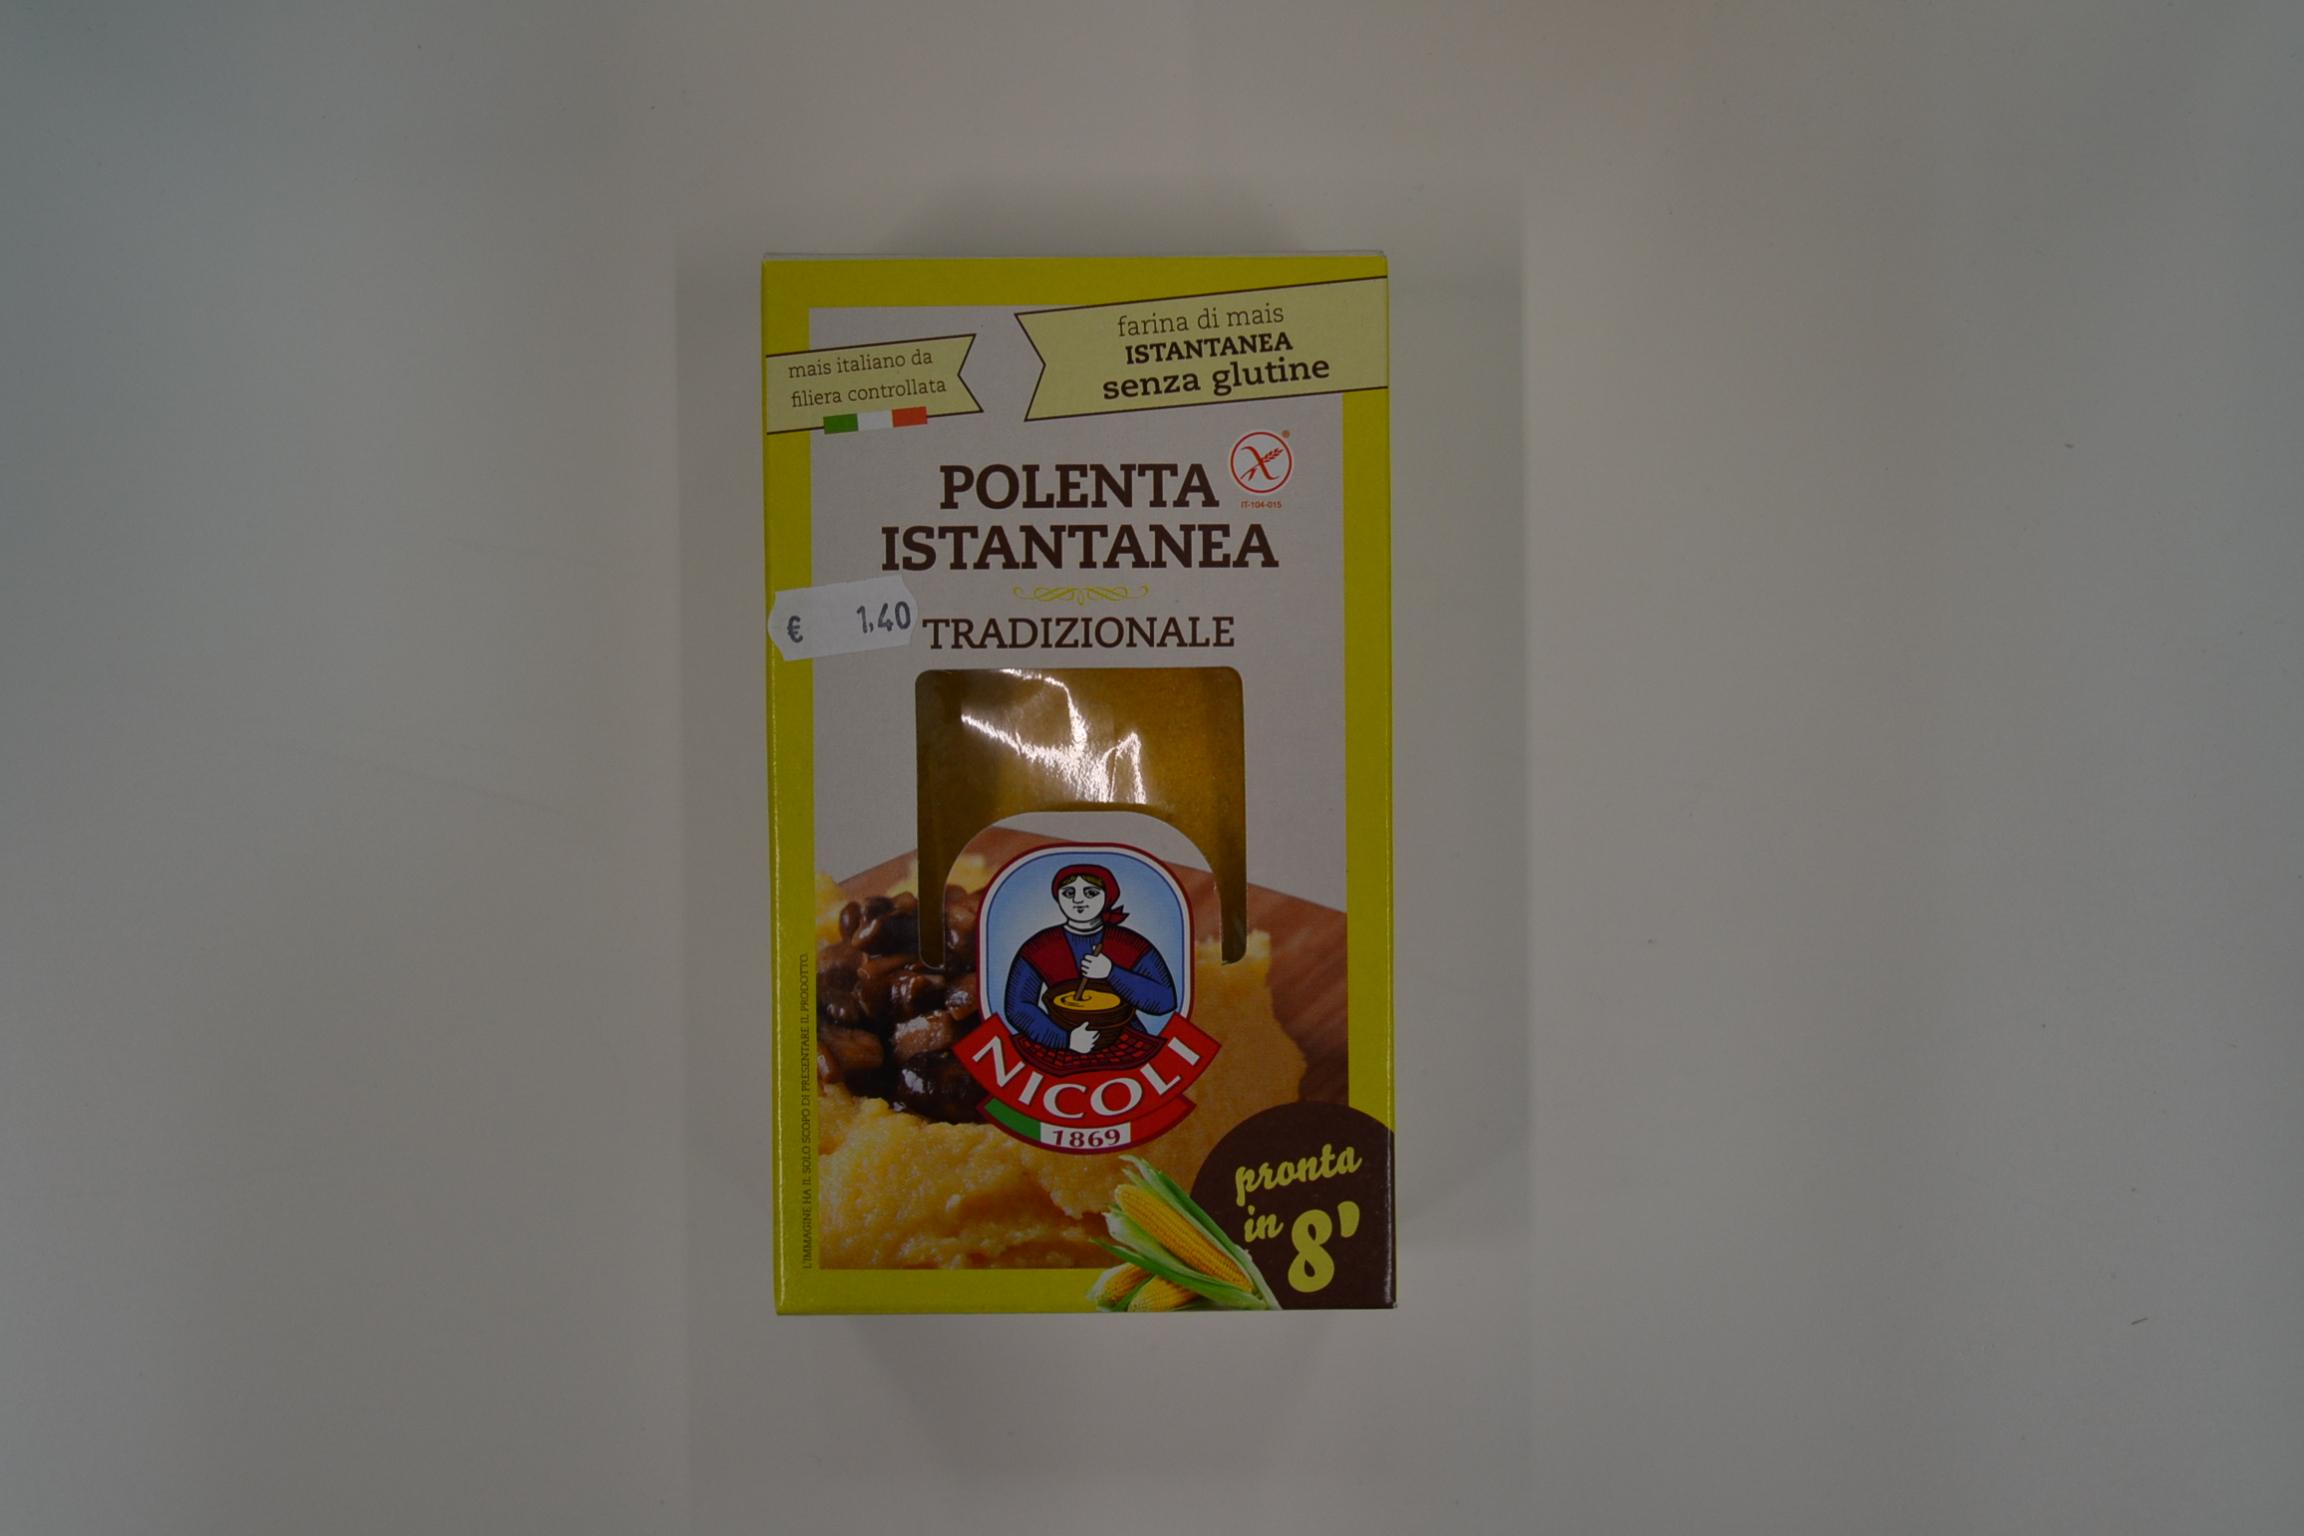 Polenta istantanea NICOLI € 1,40